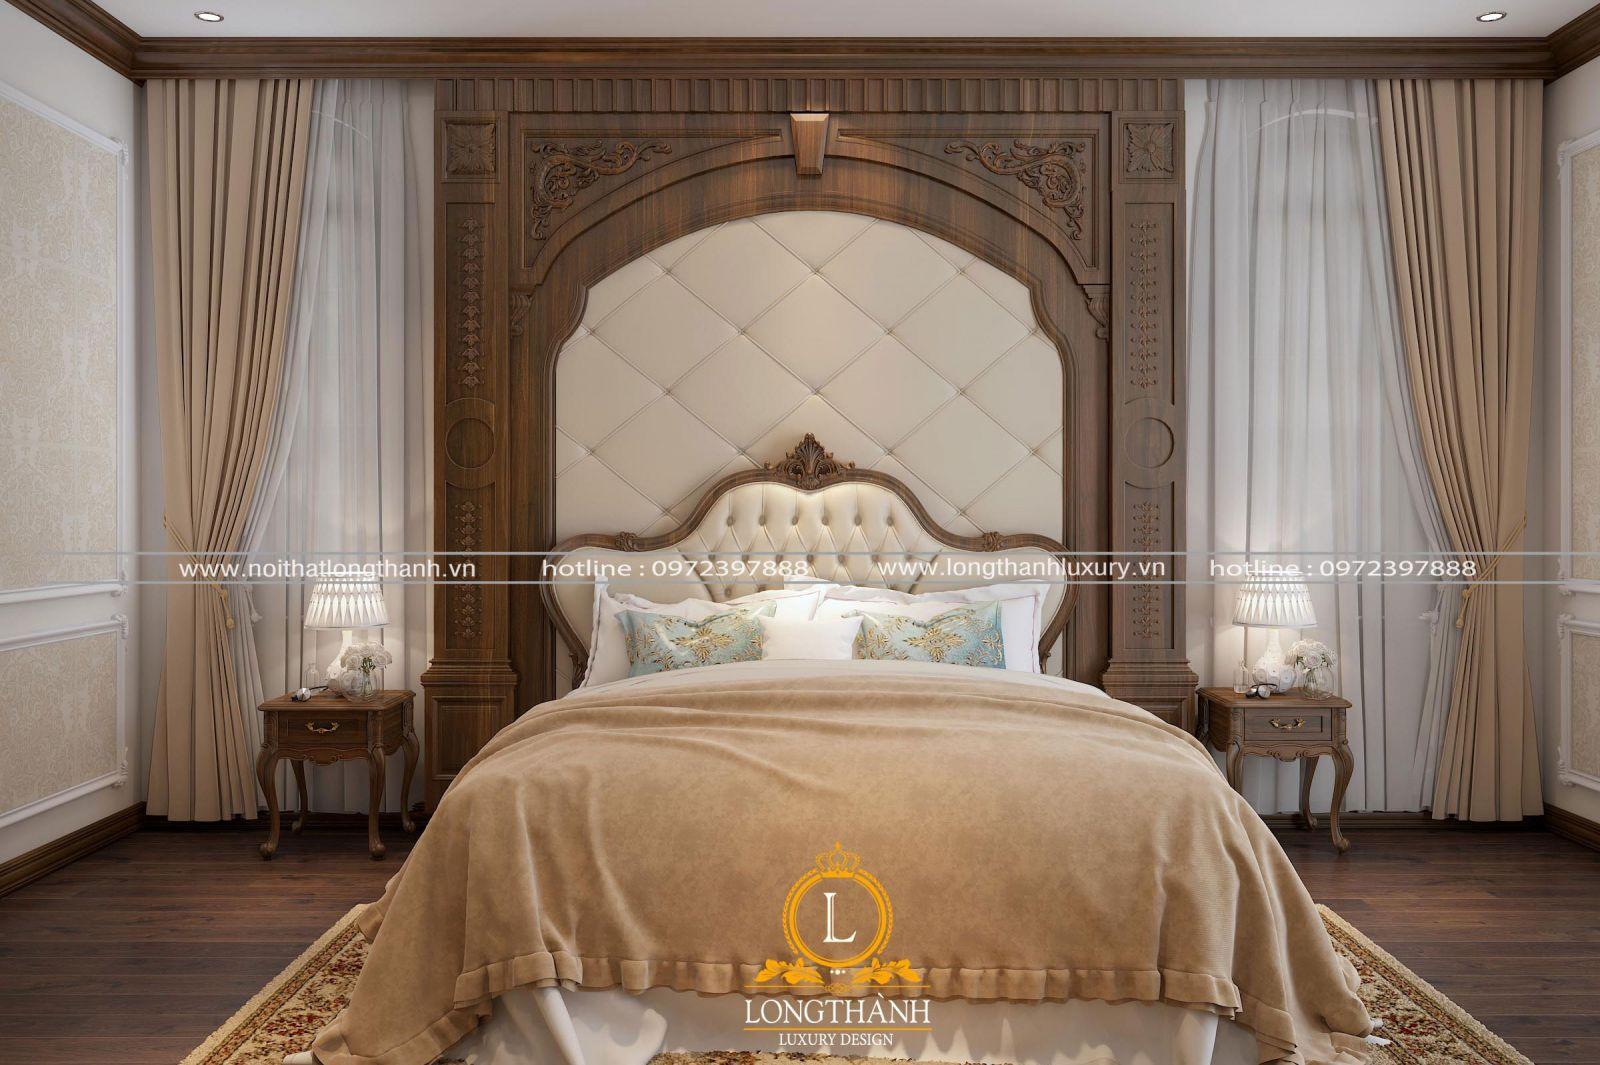 Nội thất phòng ngủ tân cổ điển nhẹ nhàng